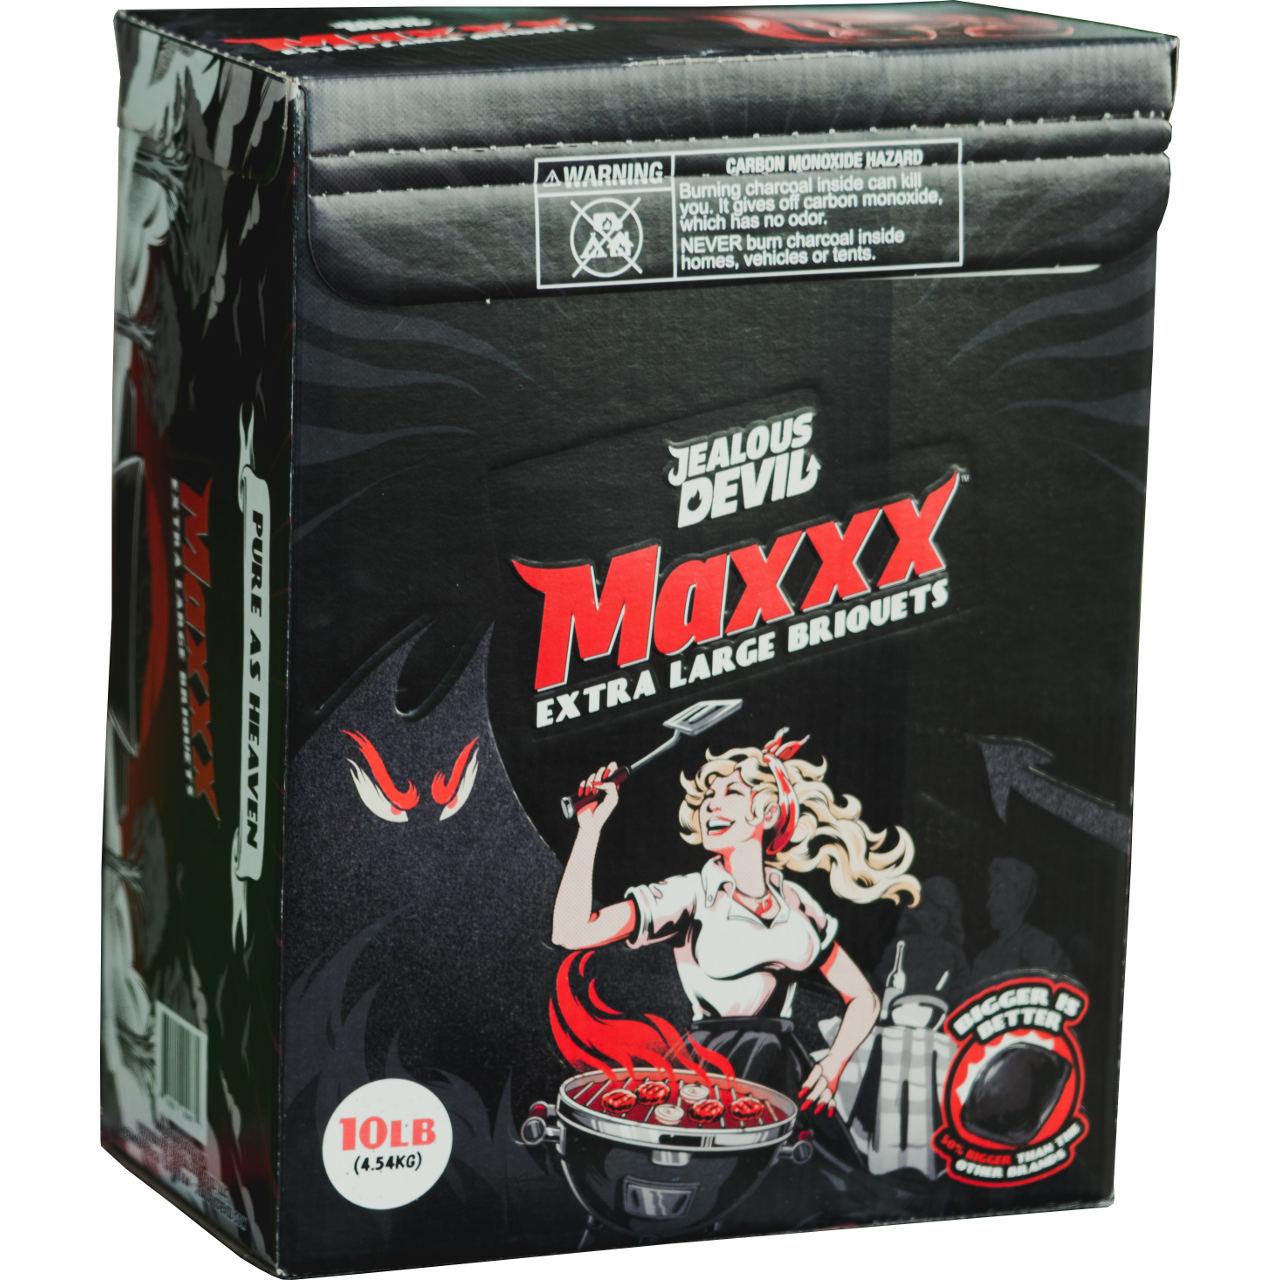 Jealous Devil MAXXX Briquet Charcoal - 10 Lbs Box